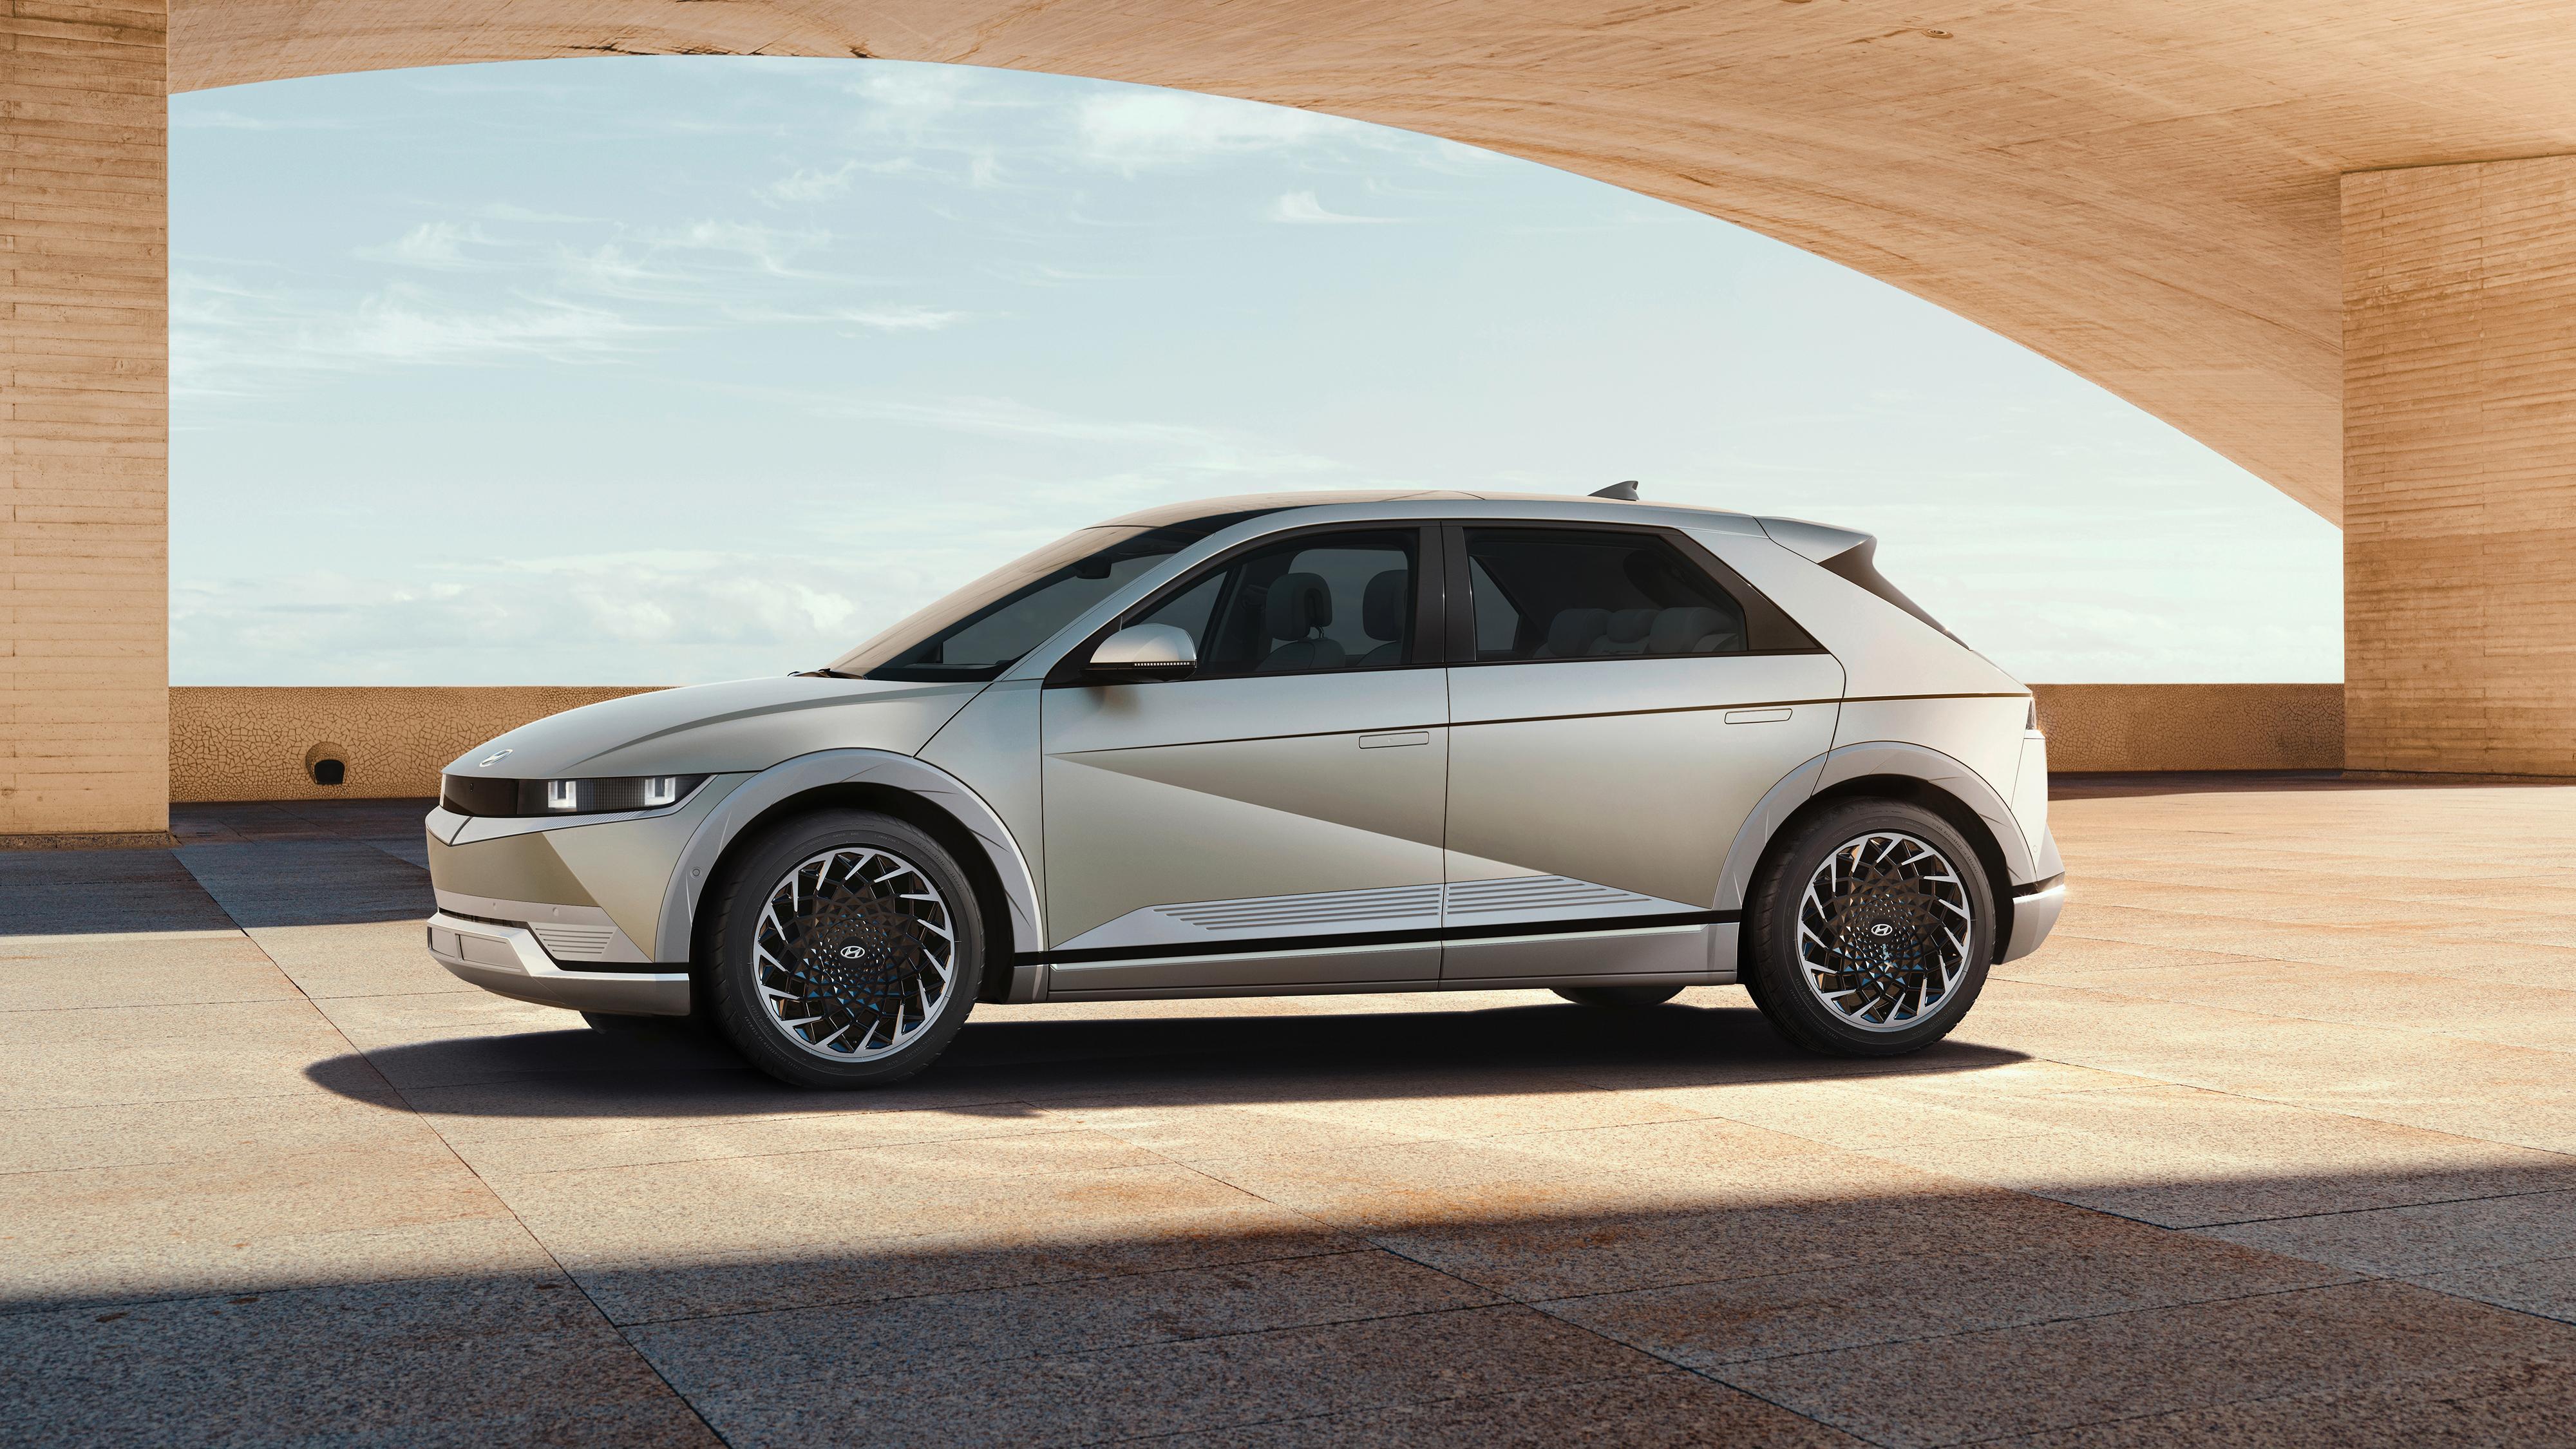 Hyundai har gått for et nærmest hatchback-liknende design på sin Ioniq 5.